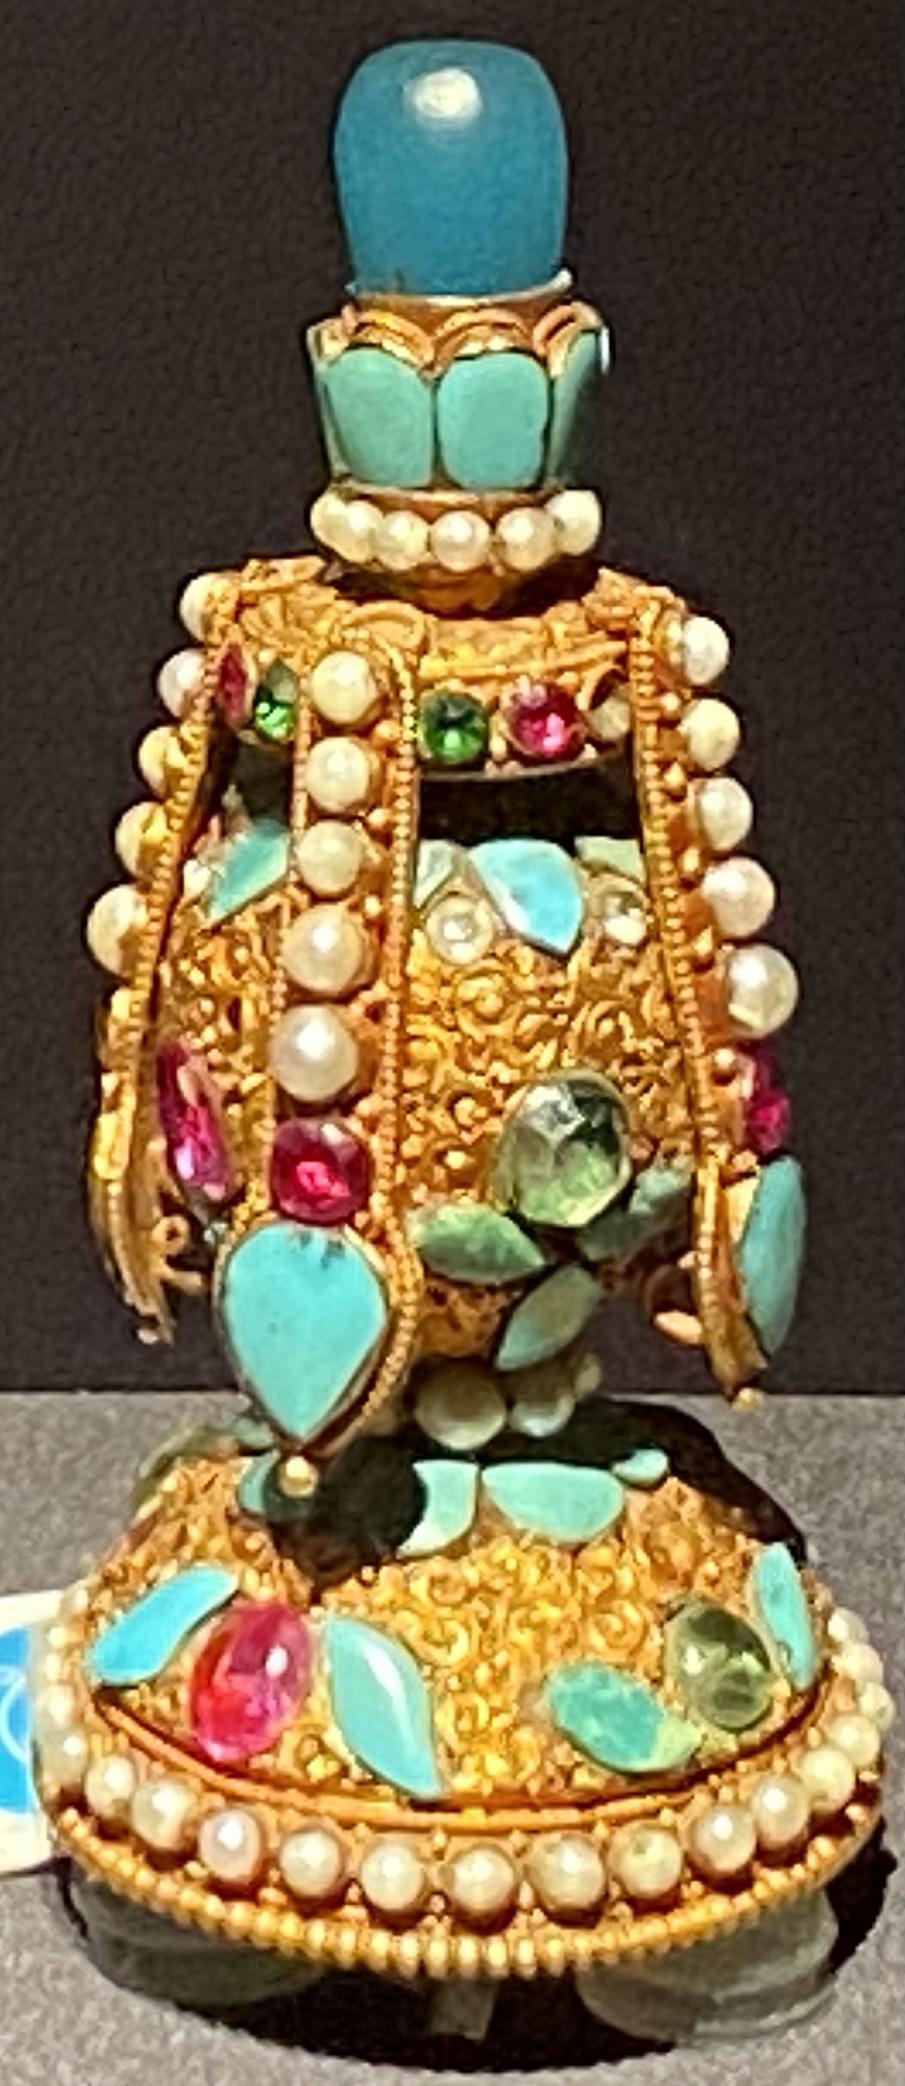 如意宝瓶帽頂-特別展【七宝玲瓏-ヒマラヤからの芸術珍品】-金沙遺跡博物館-成都